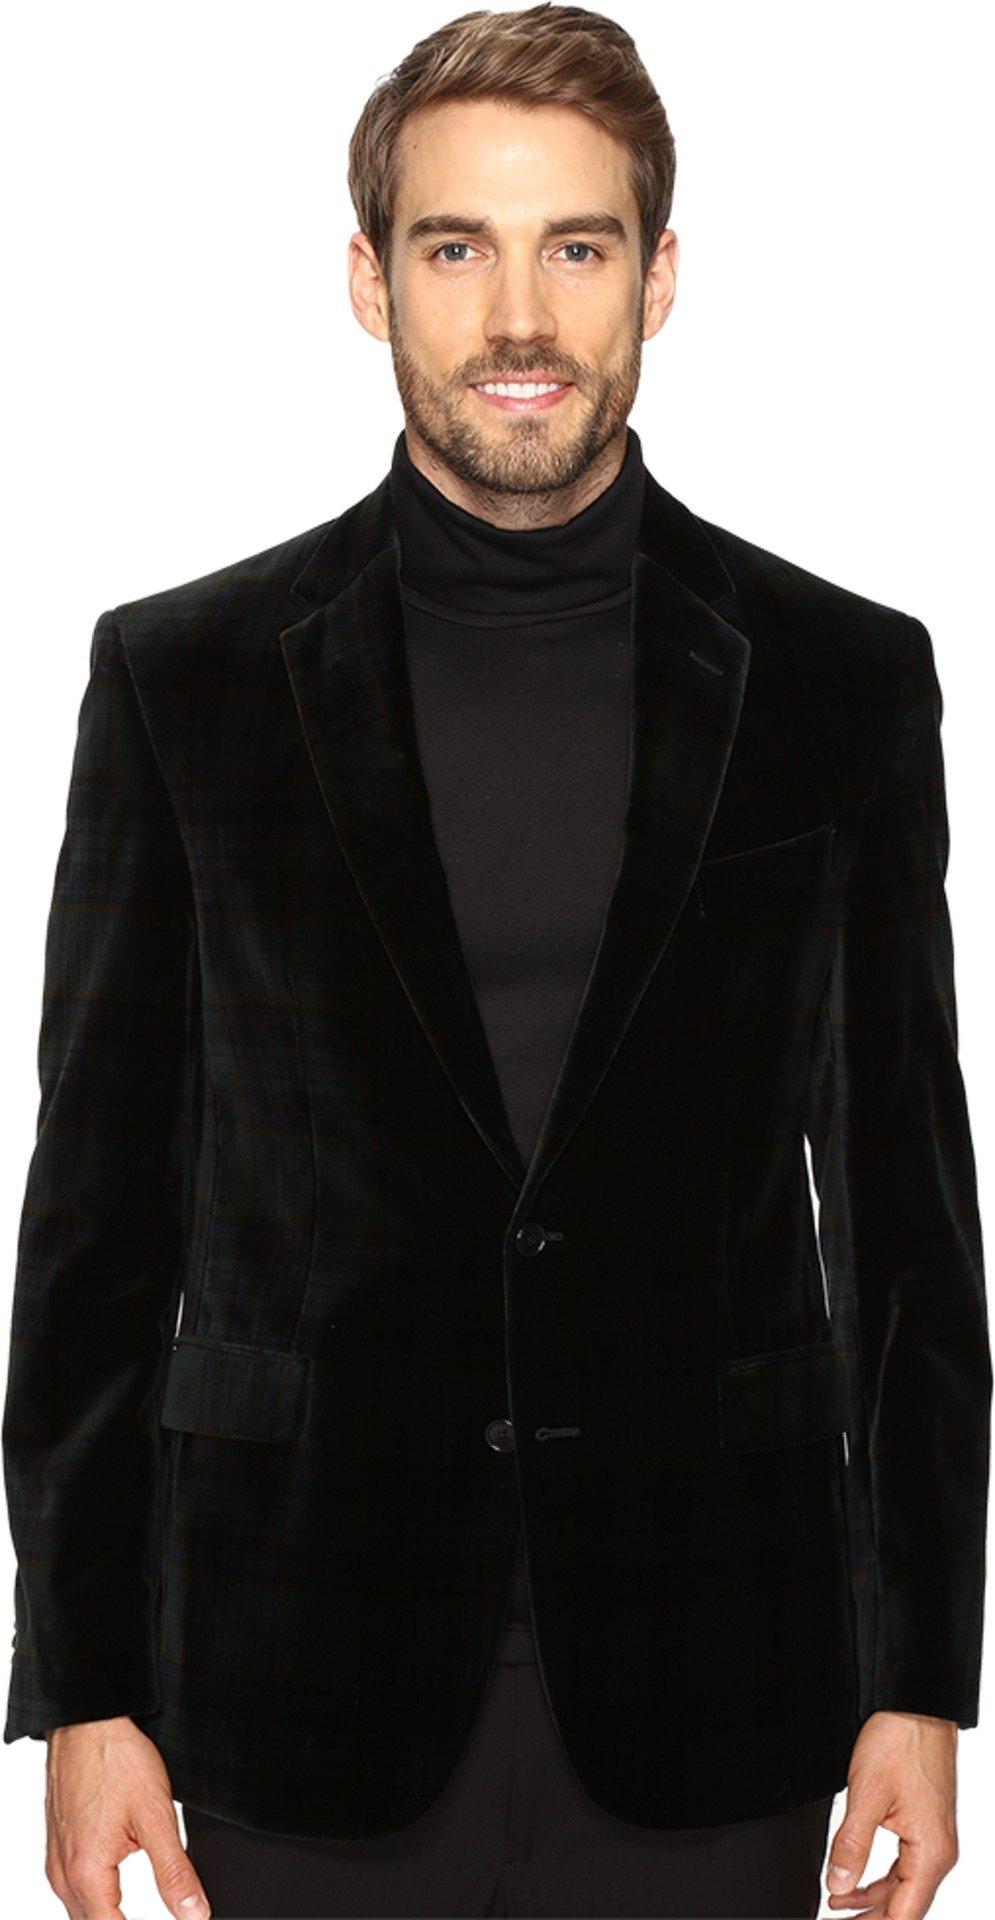 Kenneth Cole New York Men's Slim Fit Velvet Sport Coat Black 38 Regular